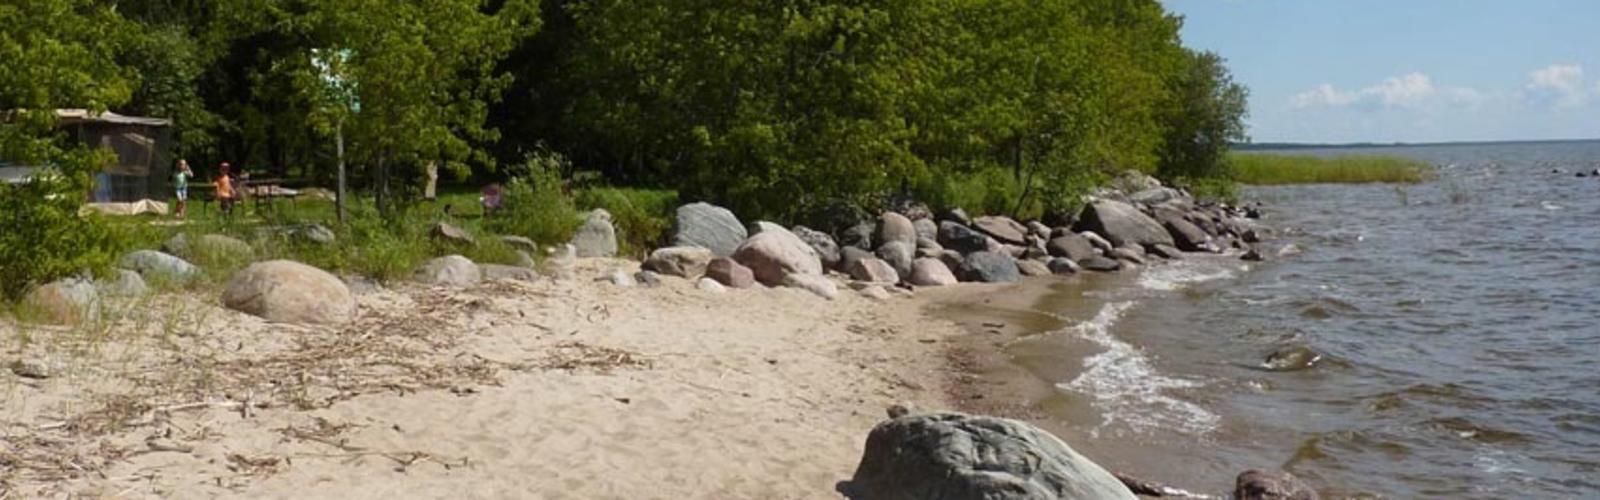 Birch Point Campground